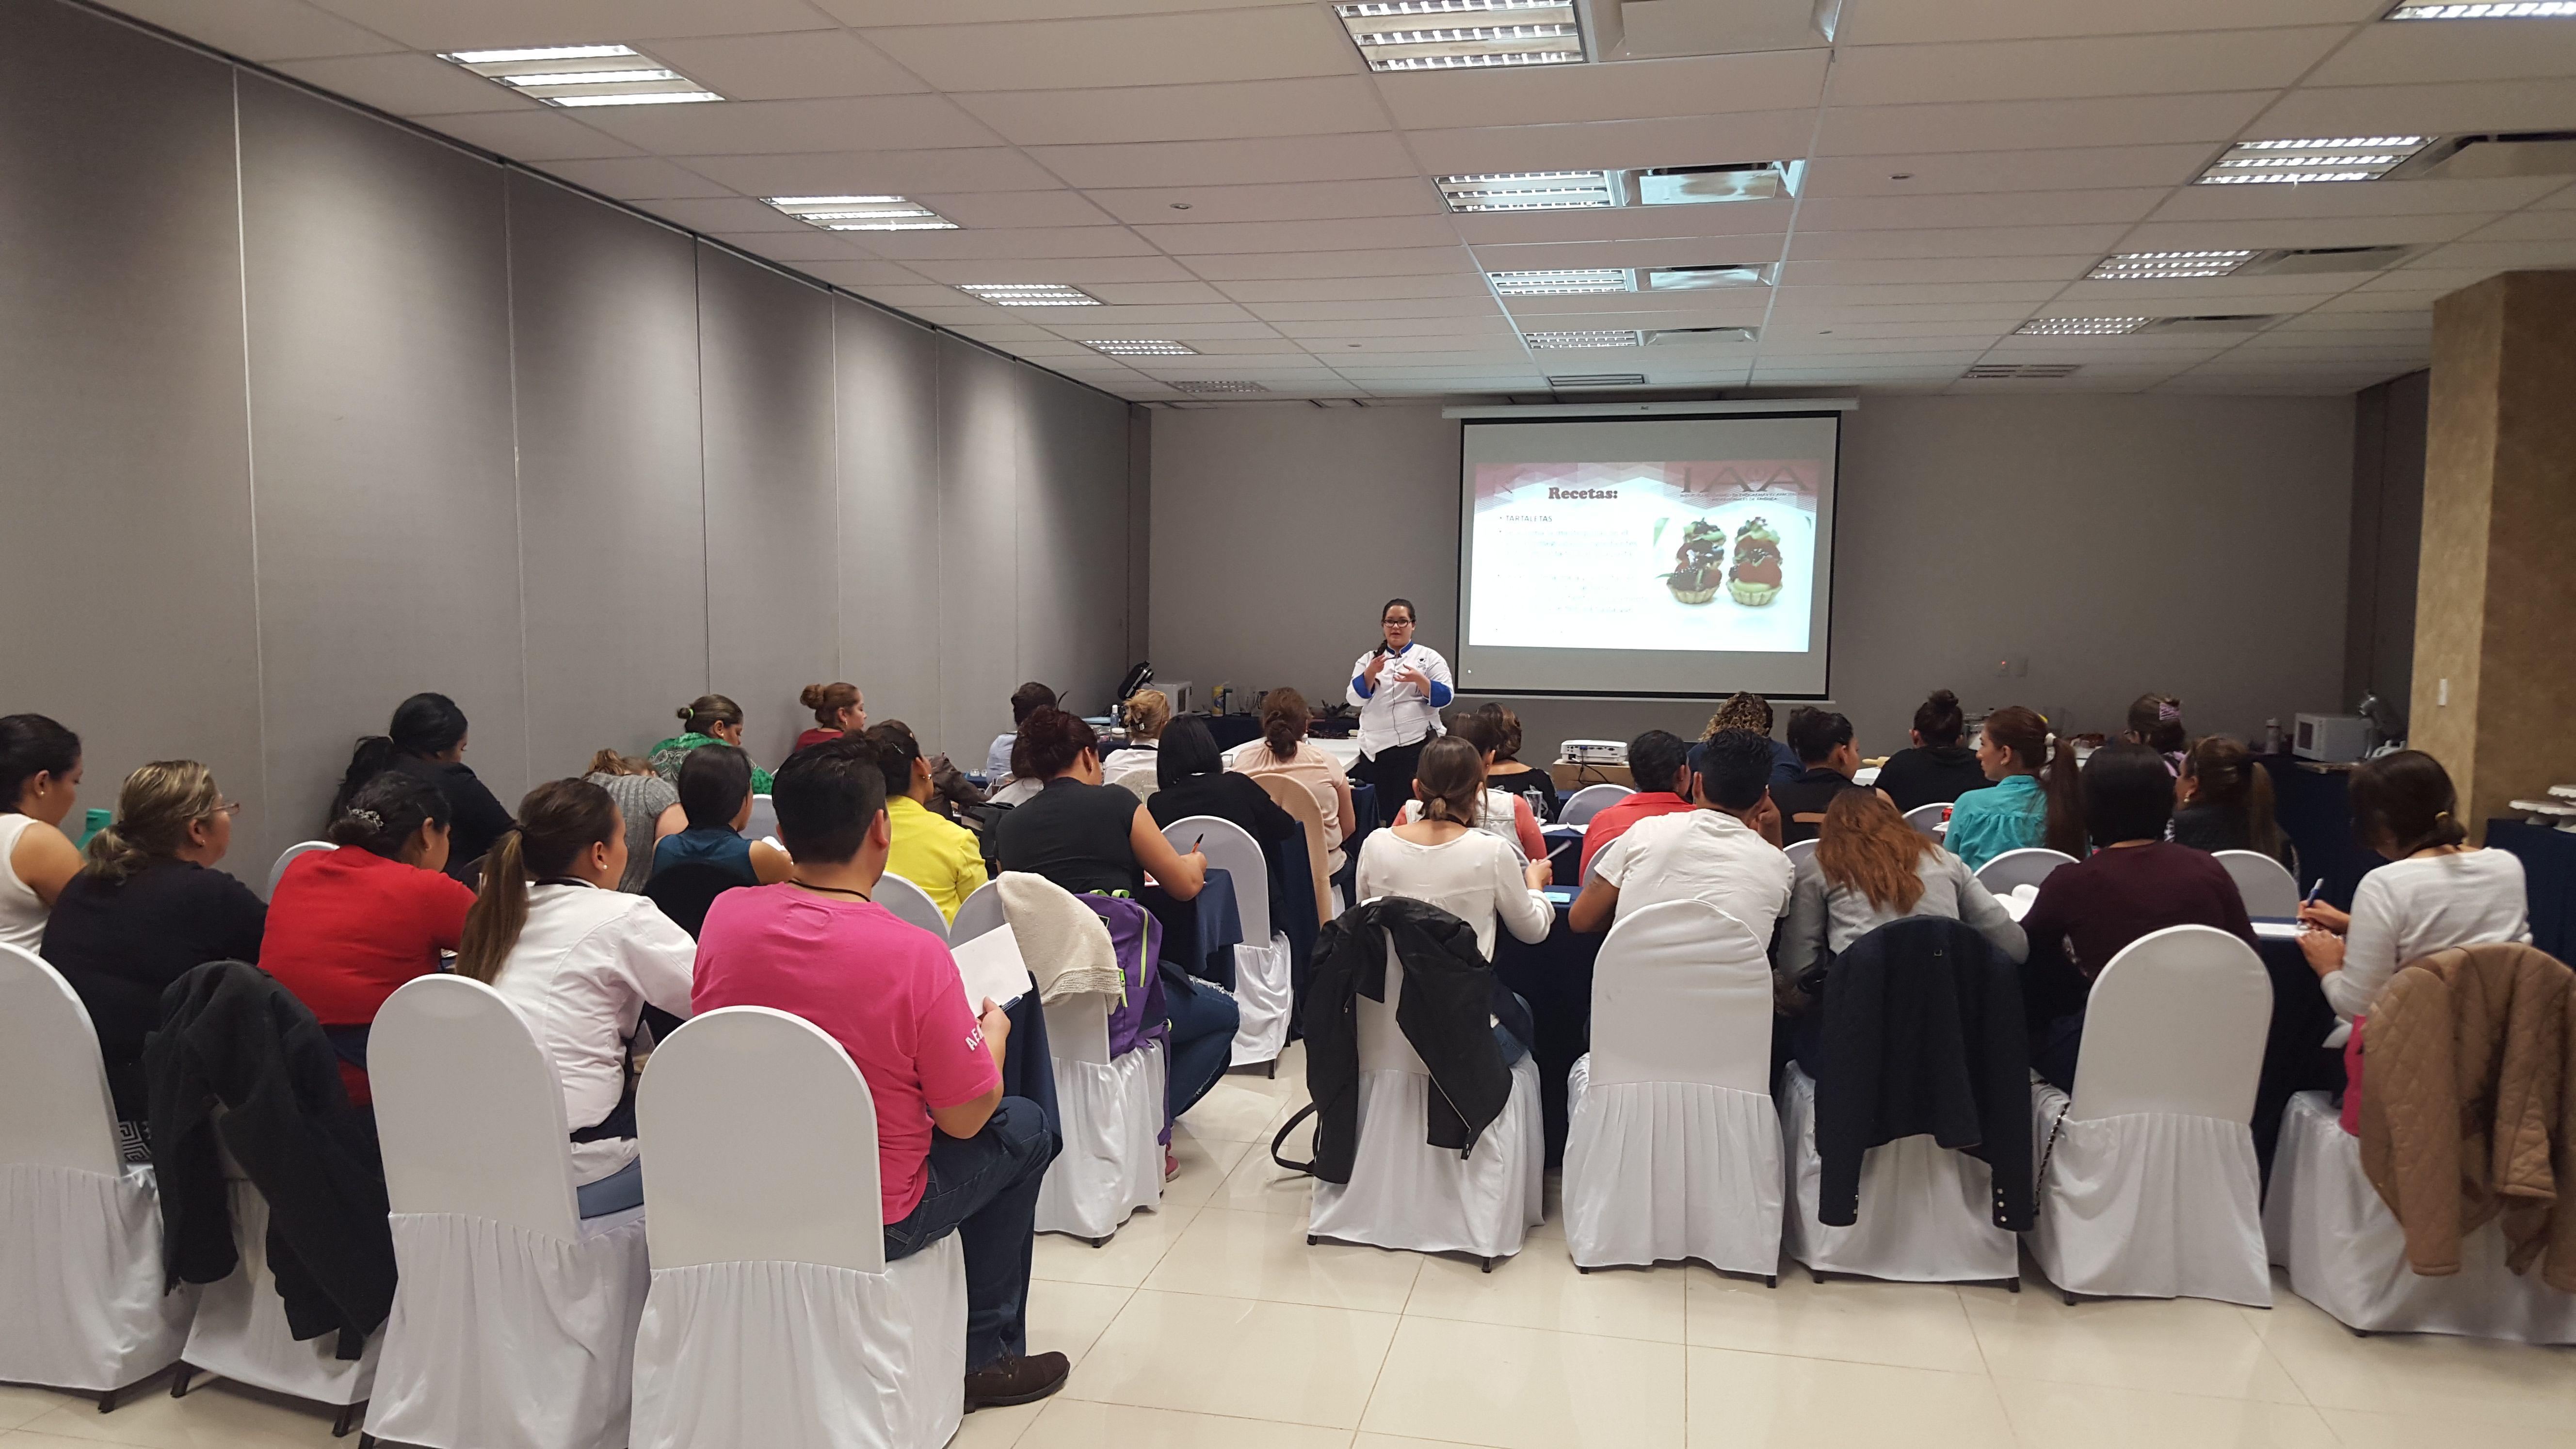 Sesionando en Morelia Curso de Barra de Postres